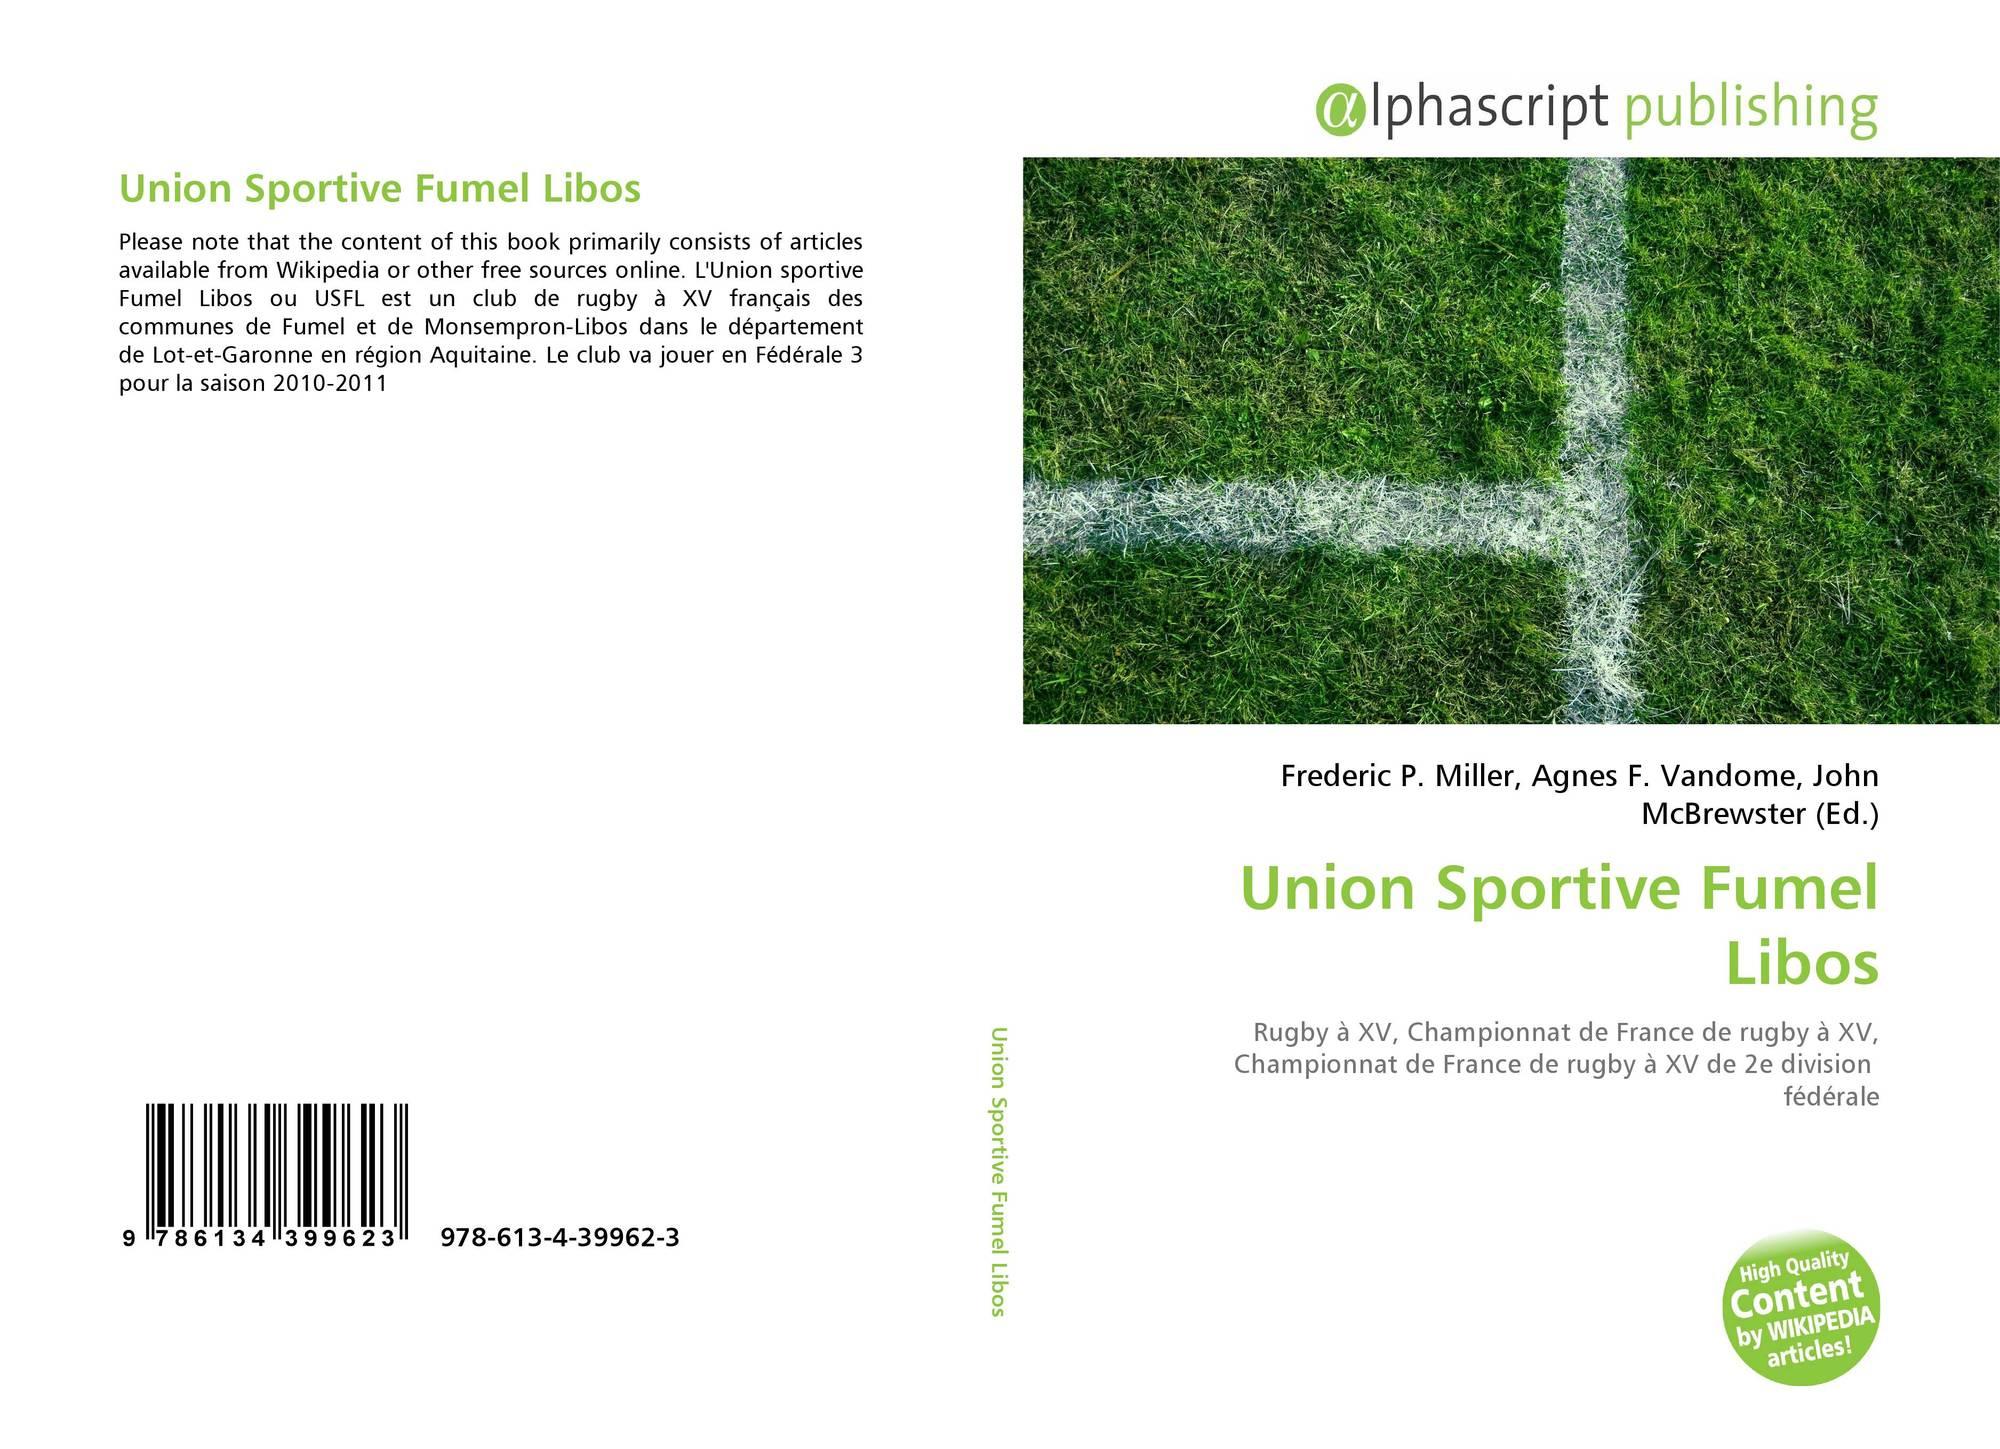 Union Sportive Fumel Libos, 978-613-4-39962-3, 6134399620 intérieur Departement Francais 39